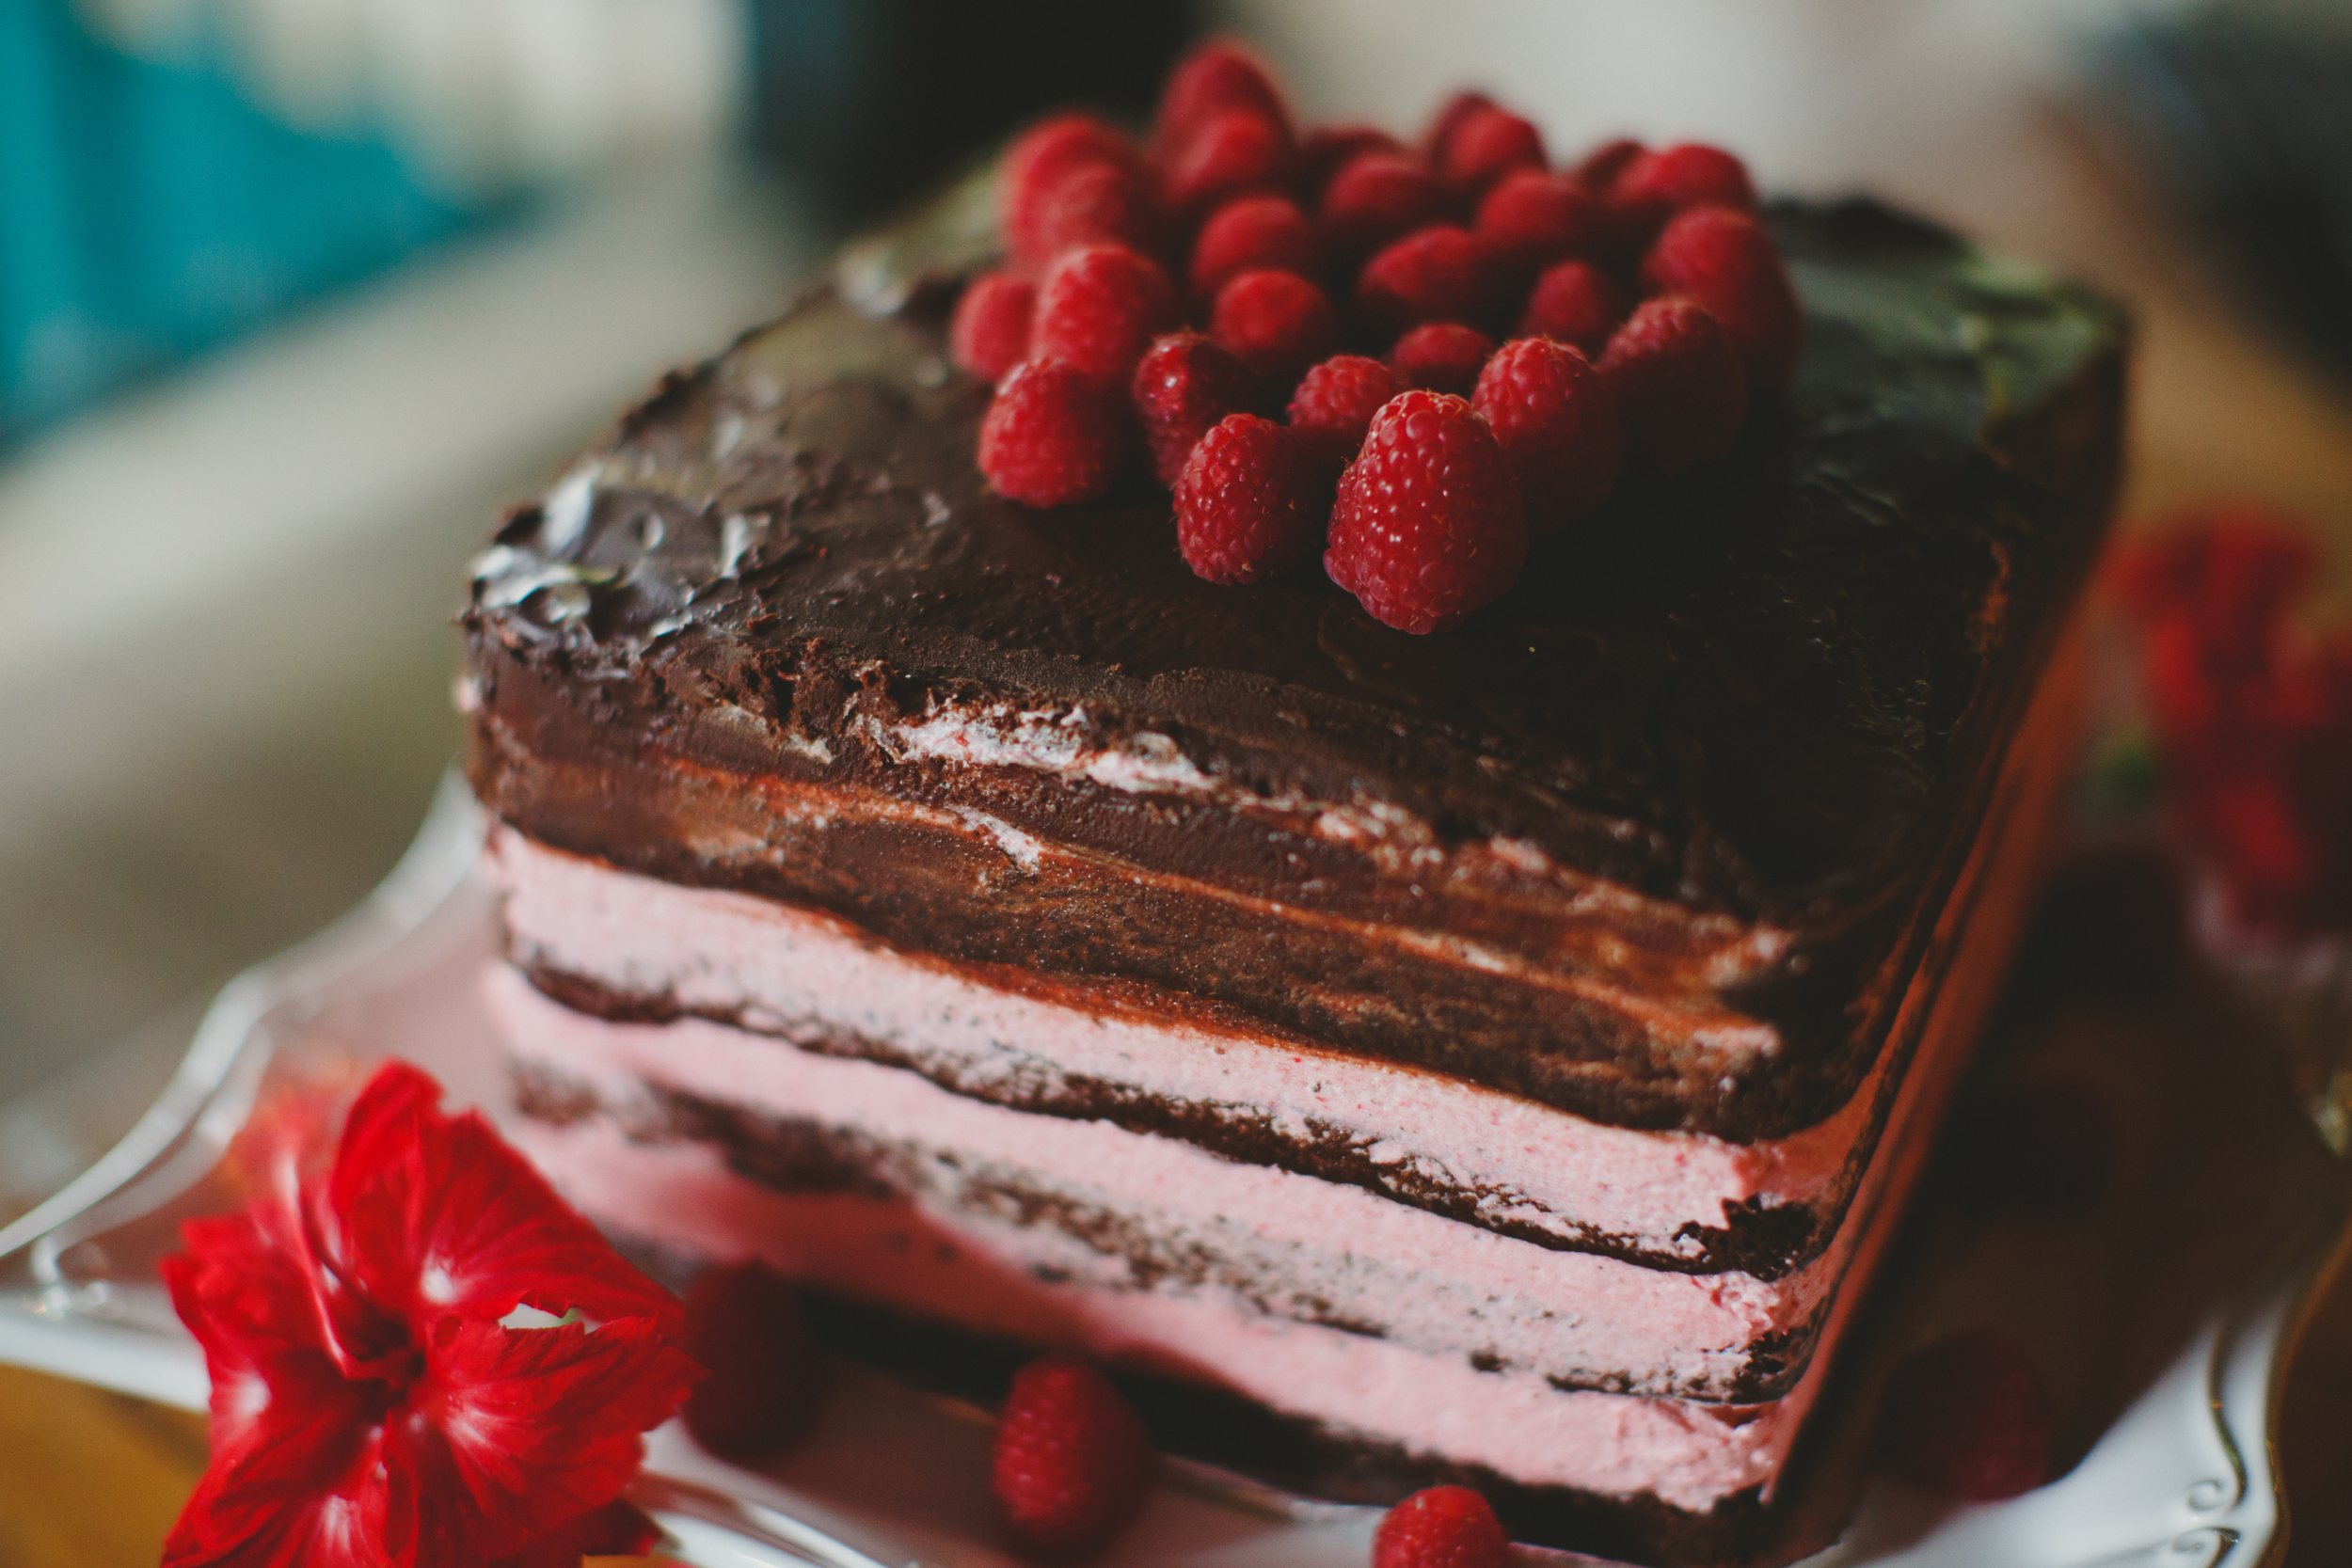 rasberry cake.jpg